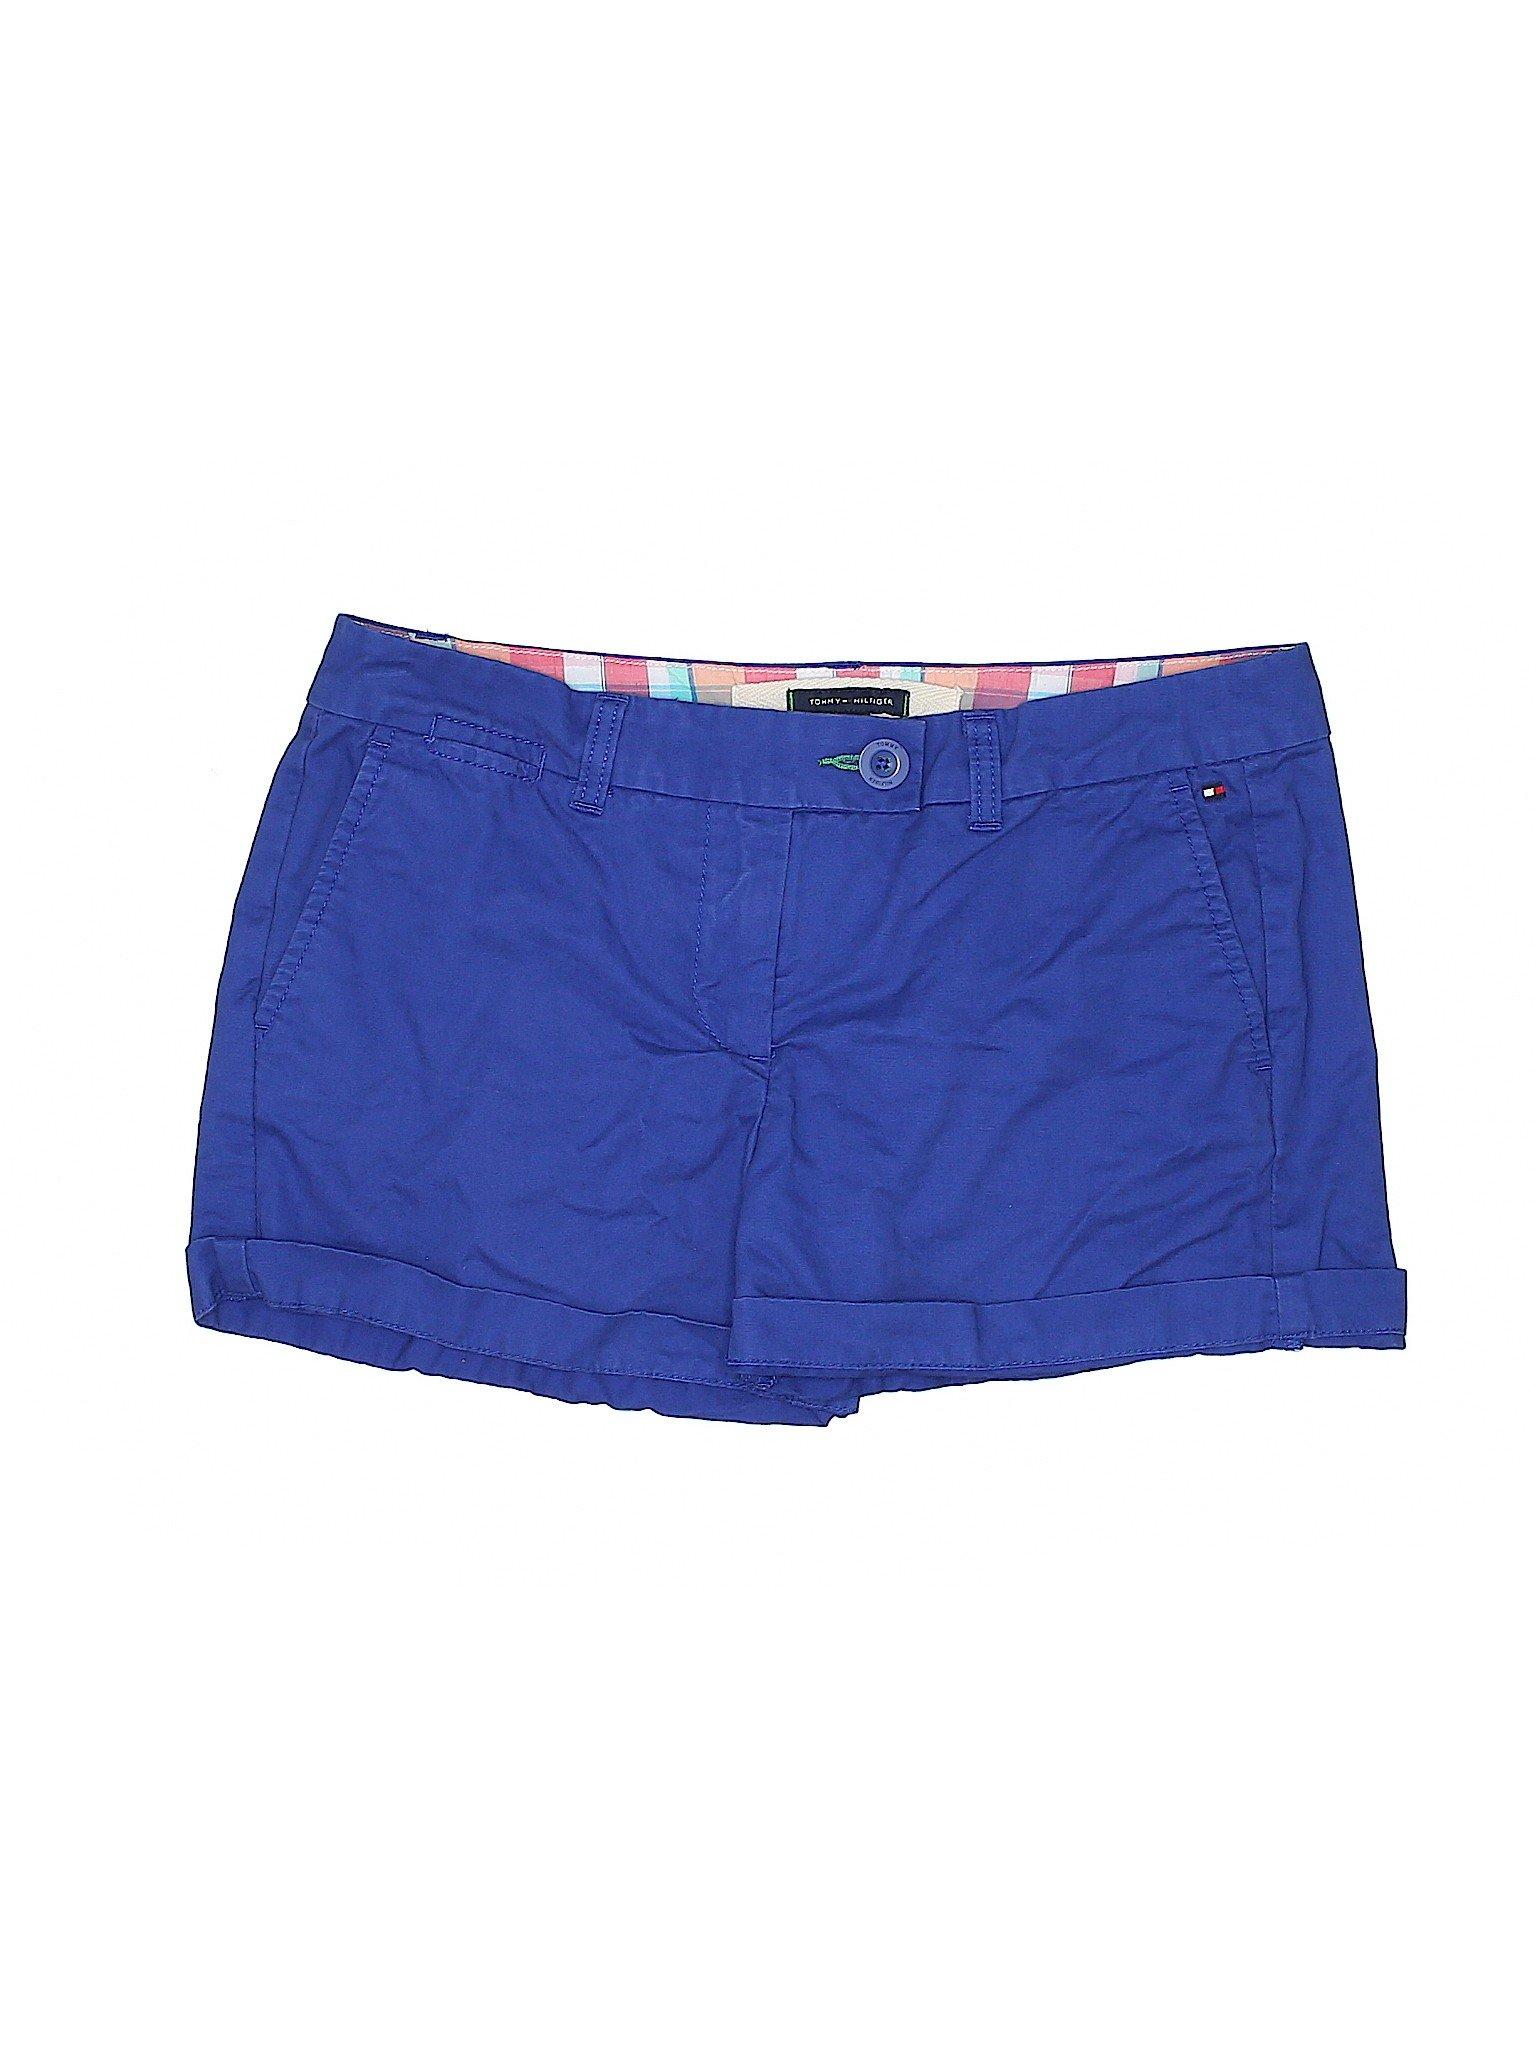 Tommy Hilfiger Boutique Boutique Shorts winter Tommy Shorts Hilfiger winter xWqwFORZ